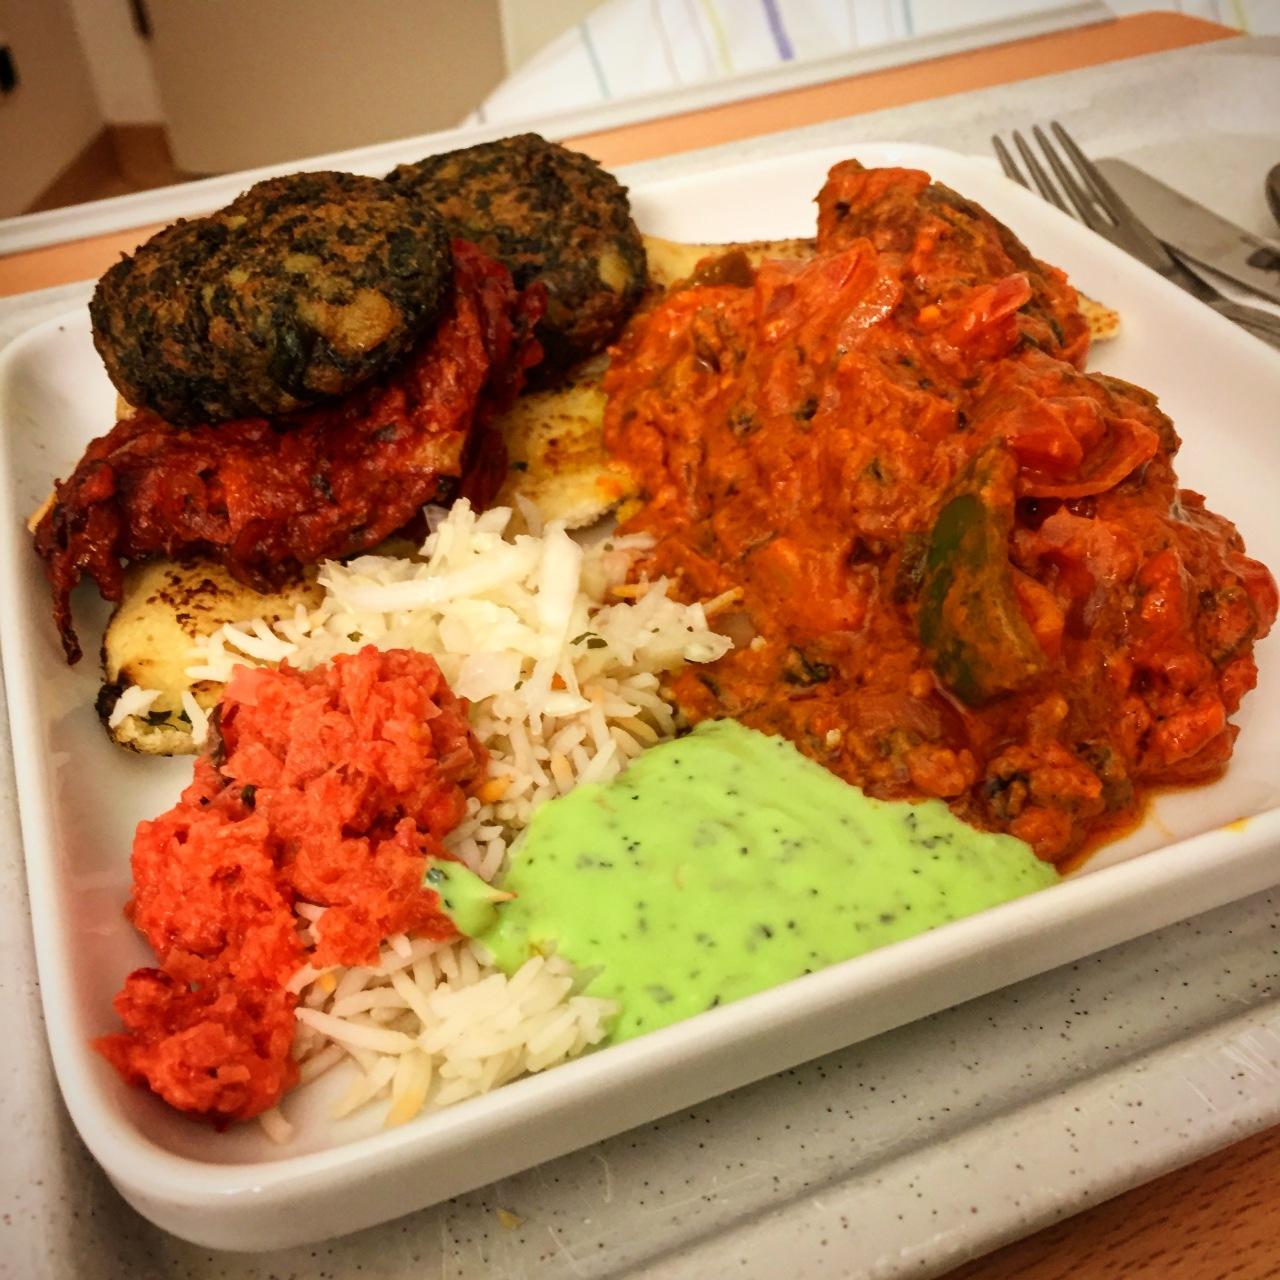 Fischfilet, Mutton Kofta, Garlic Naan#Klinikblog